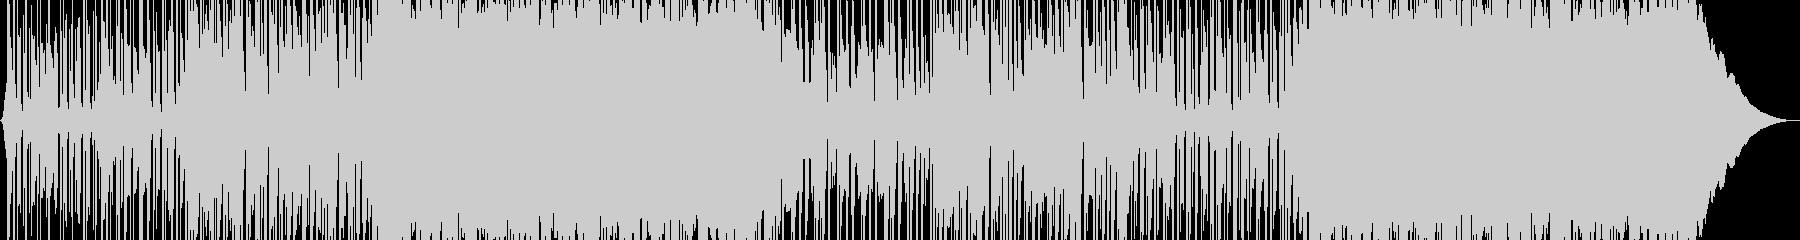 陽気でポジティブなポップロックの未再生の波形